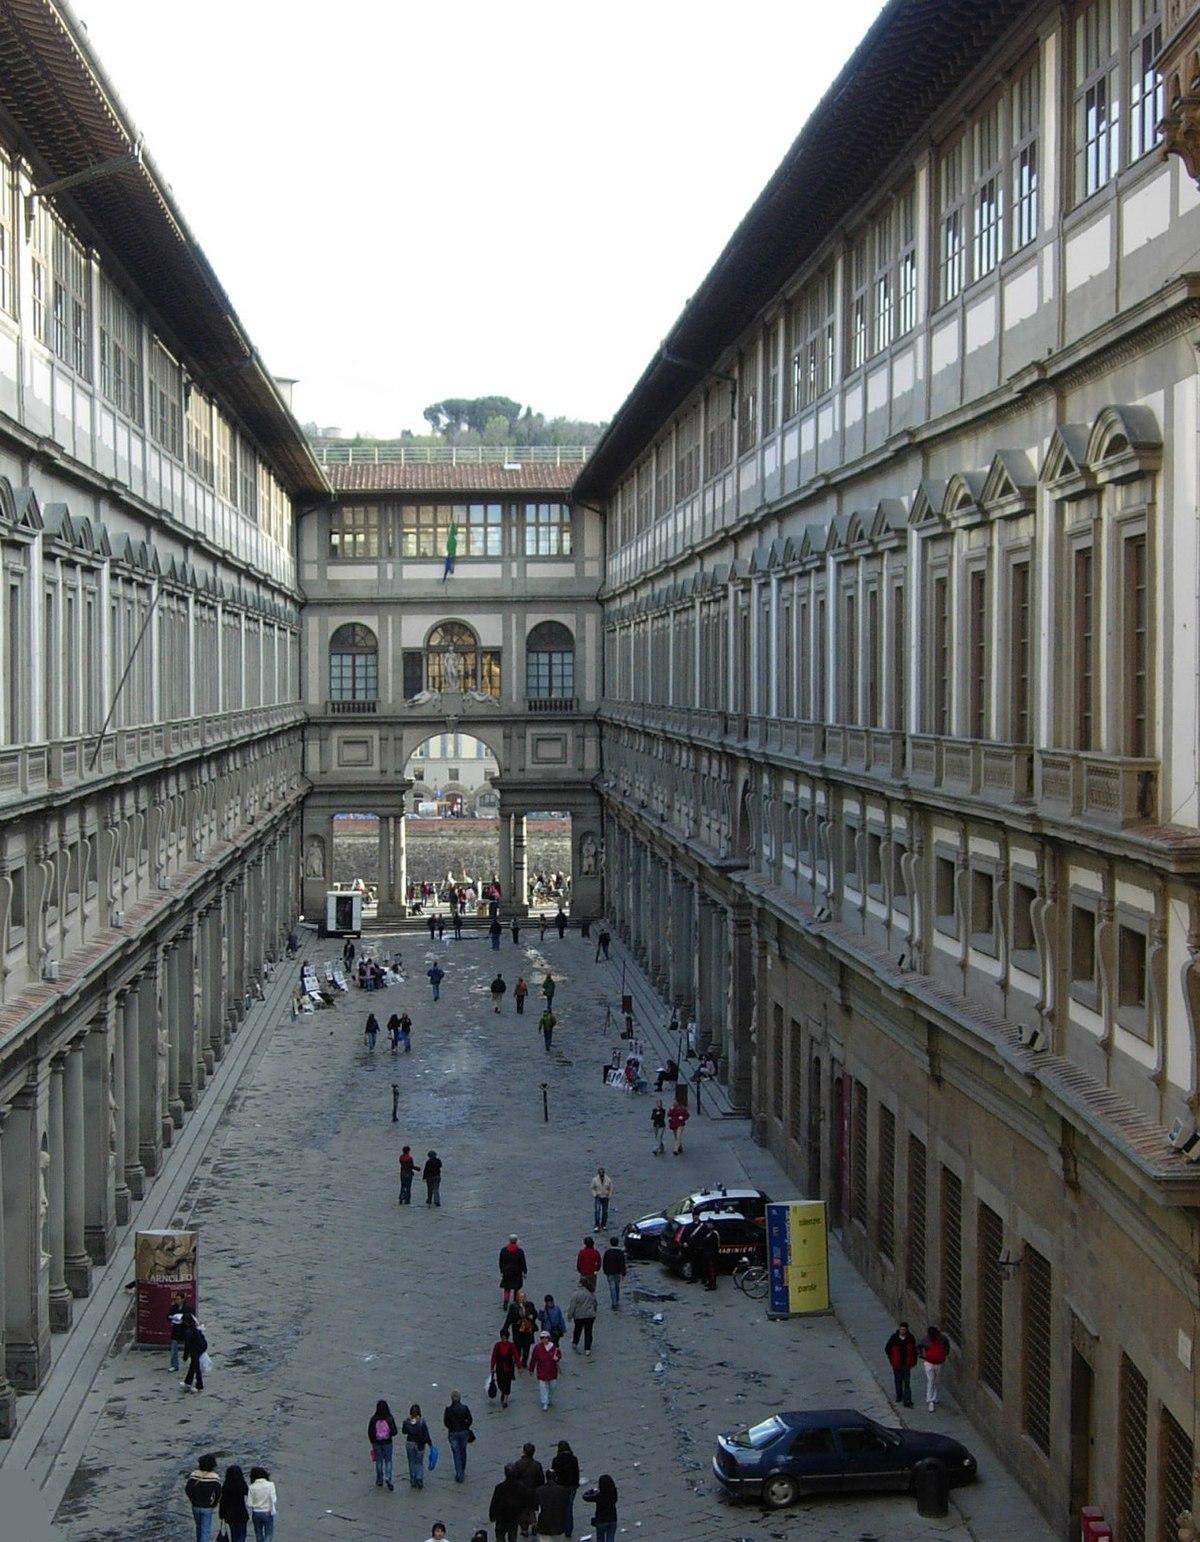 Uffizi - Wikipedia